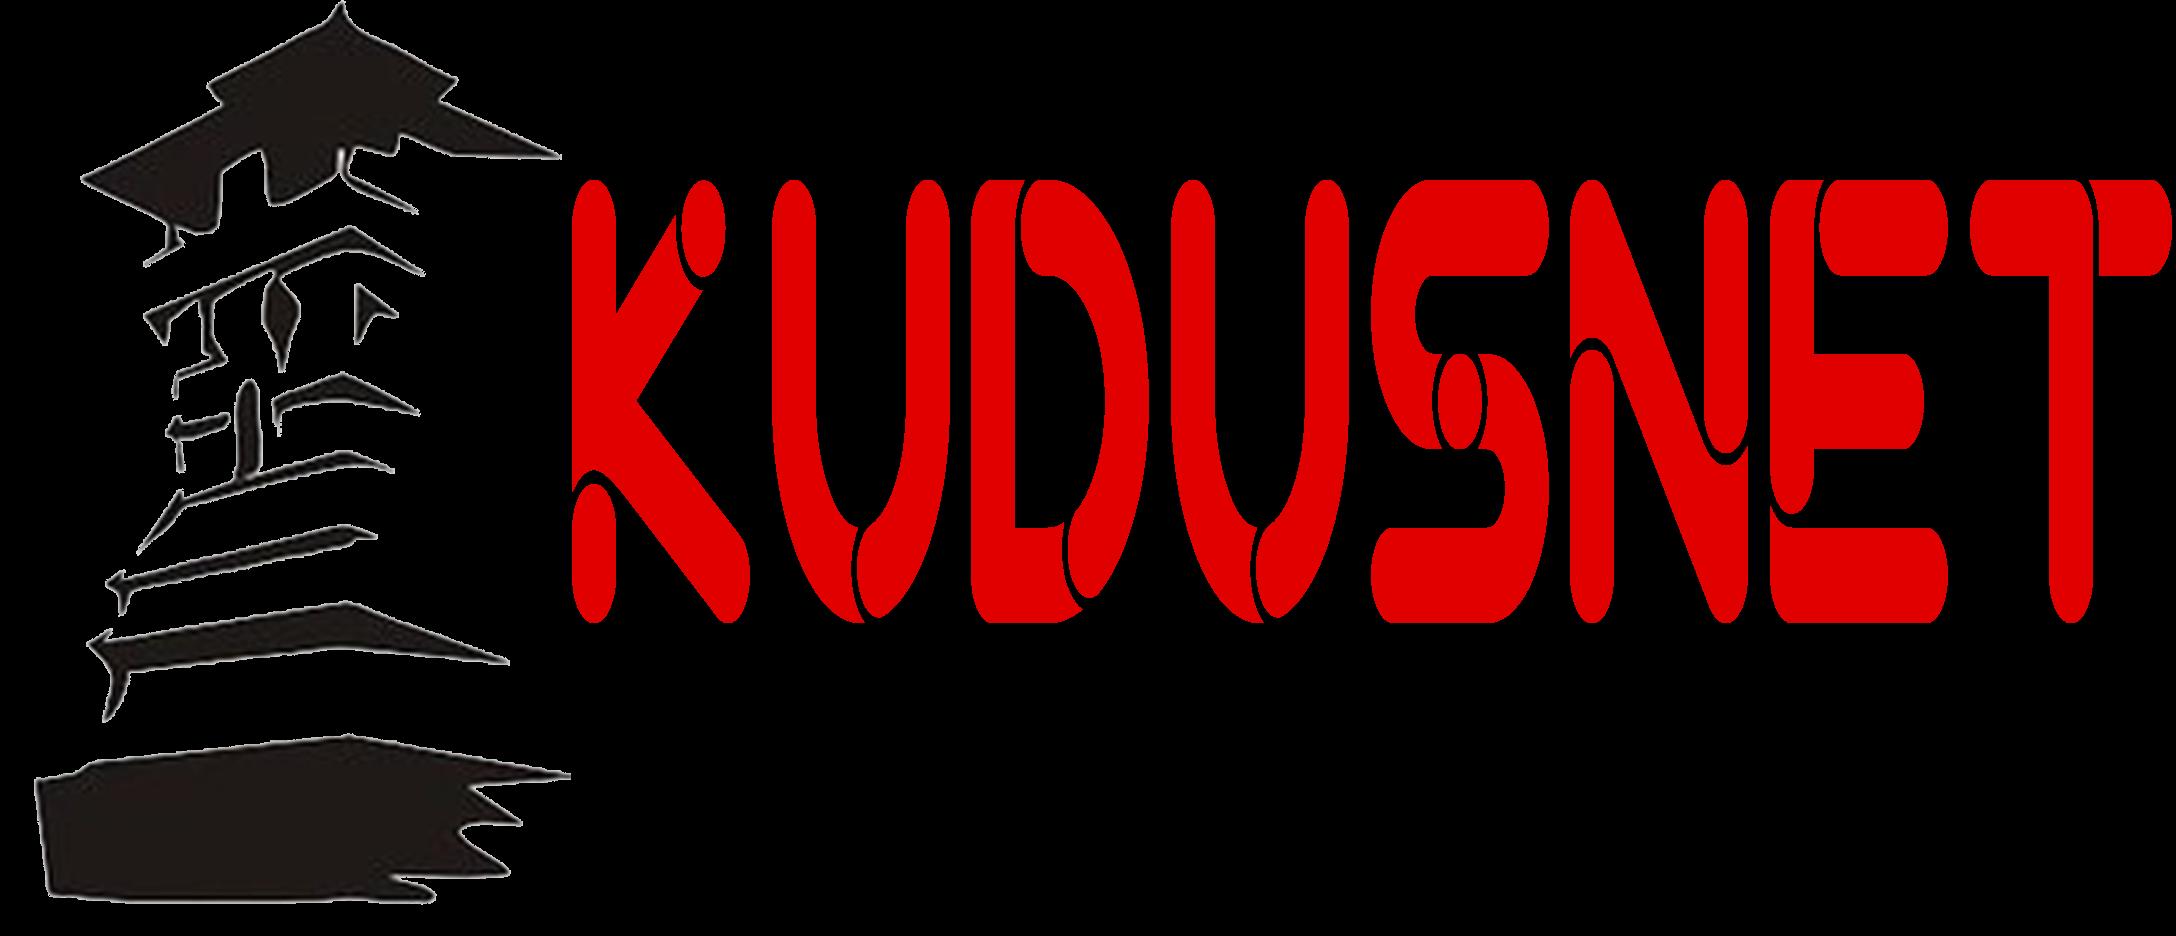 kudusnet.com